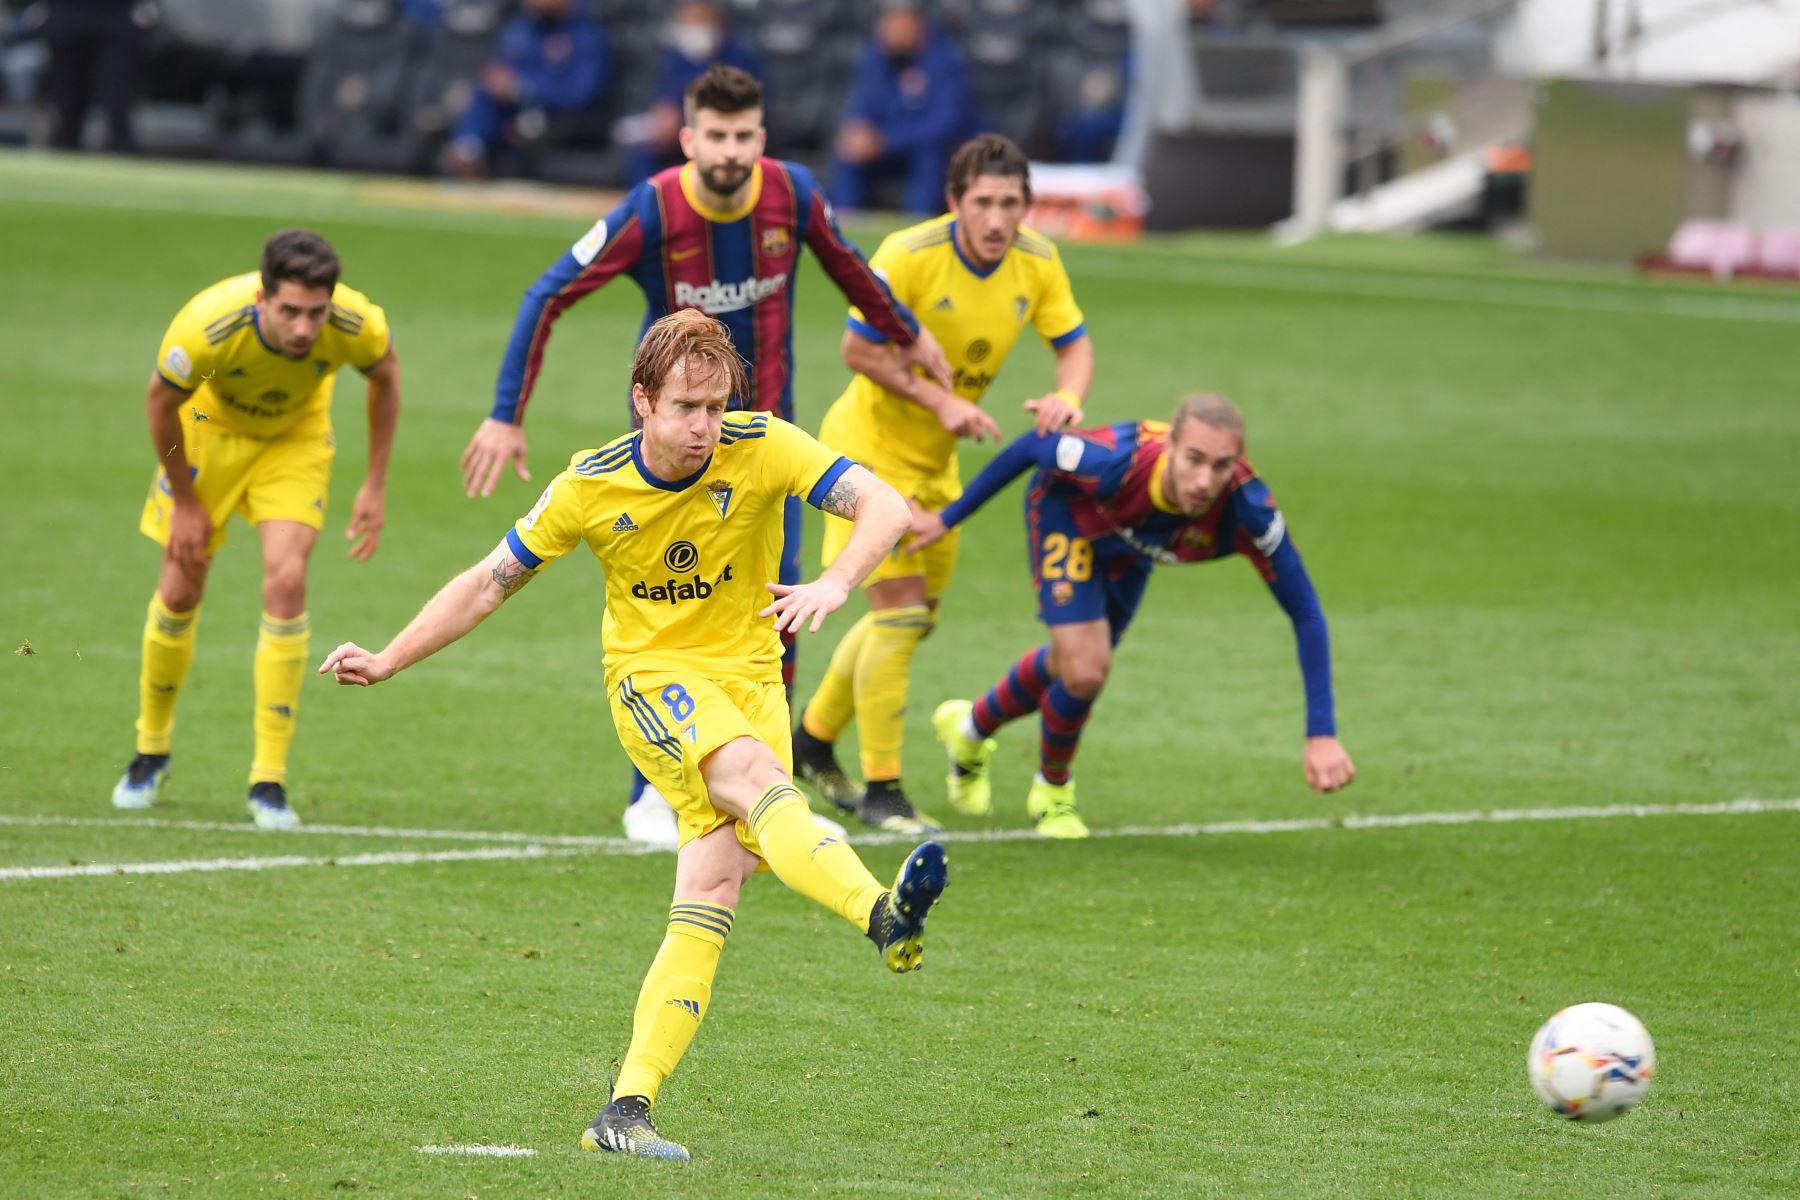 El centrocampista español del Cádiz Alex Fernández marca un penalti durante el partido de fútbol de la liga española entre el FC Barcelona y el Cádiz CF. Foto:  AFP